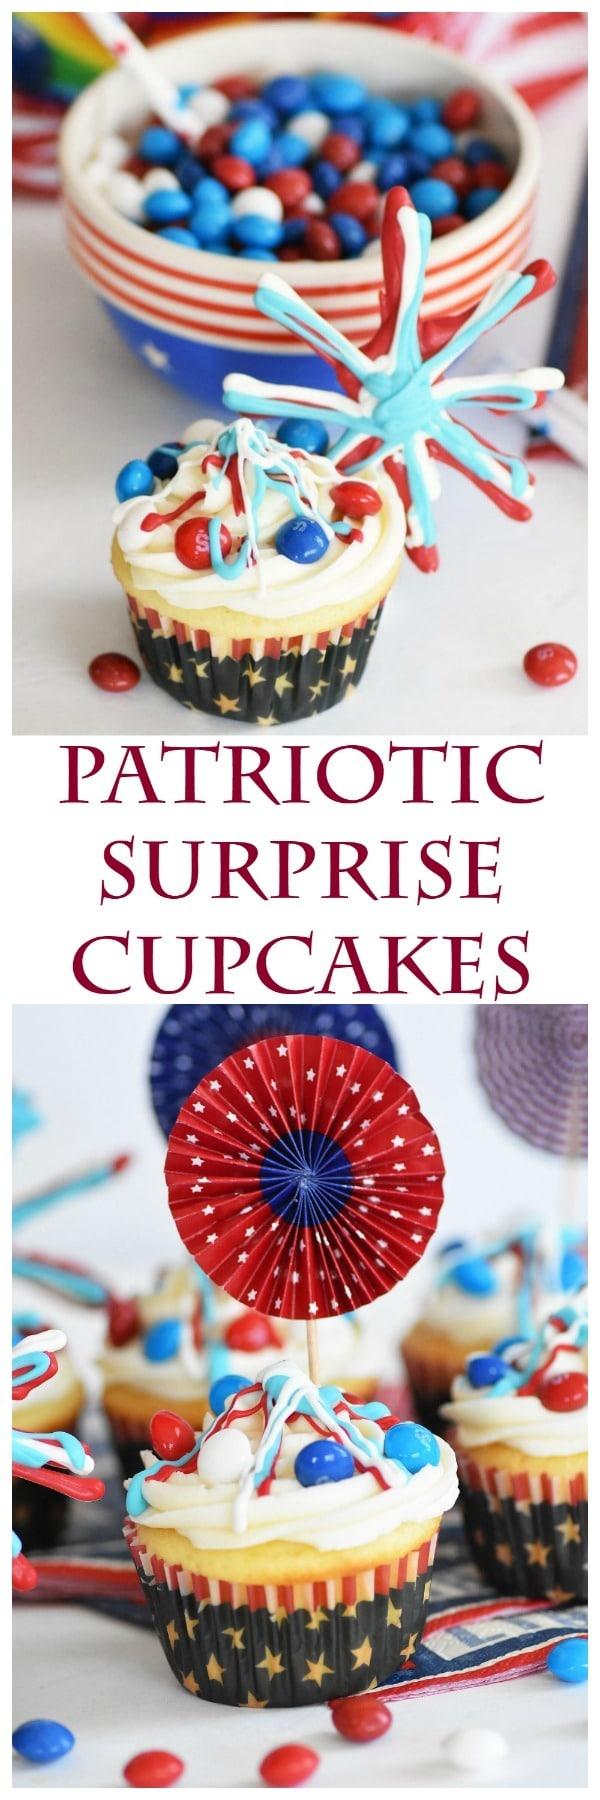 Patriotic-Surprise-cupcakes